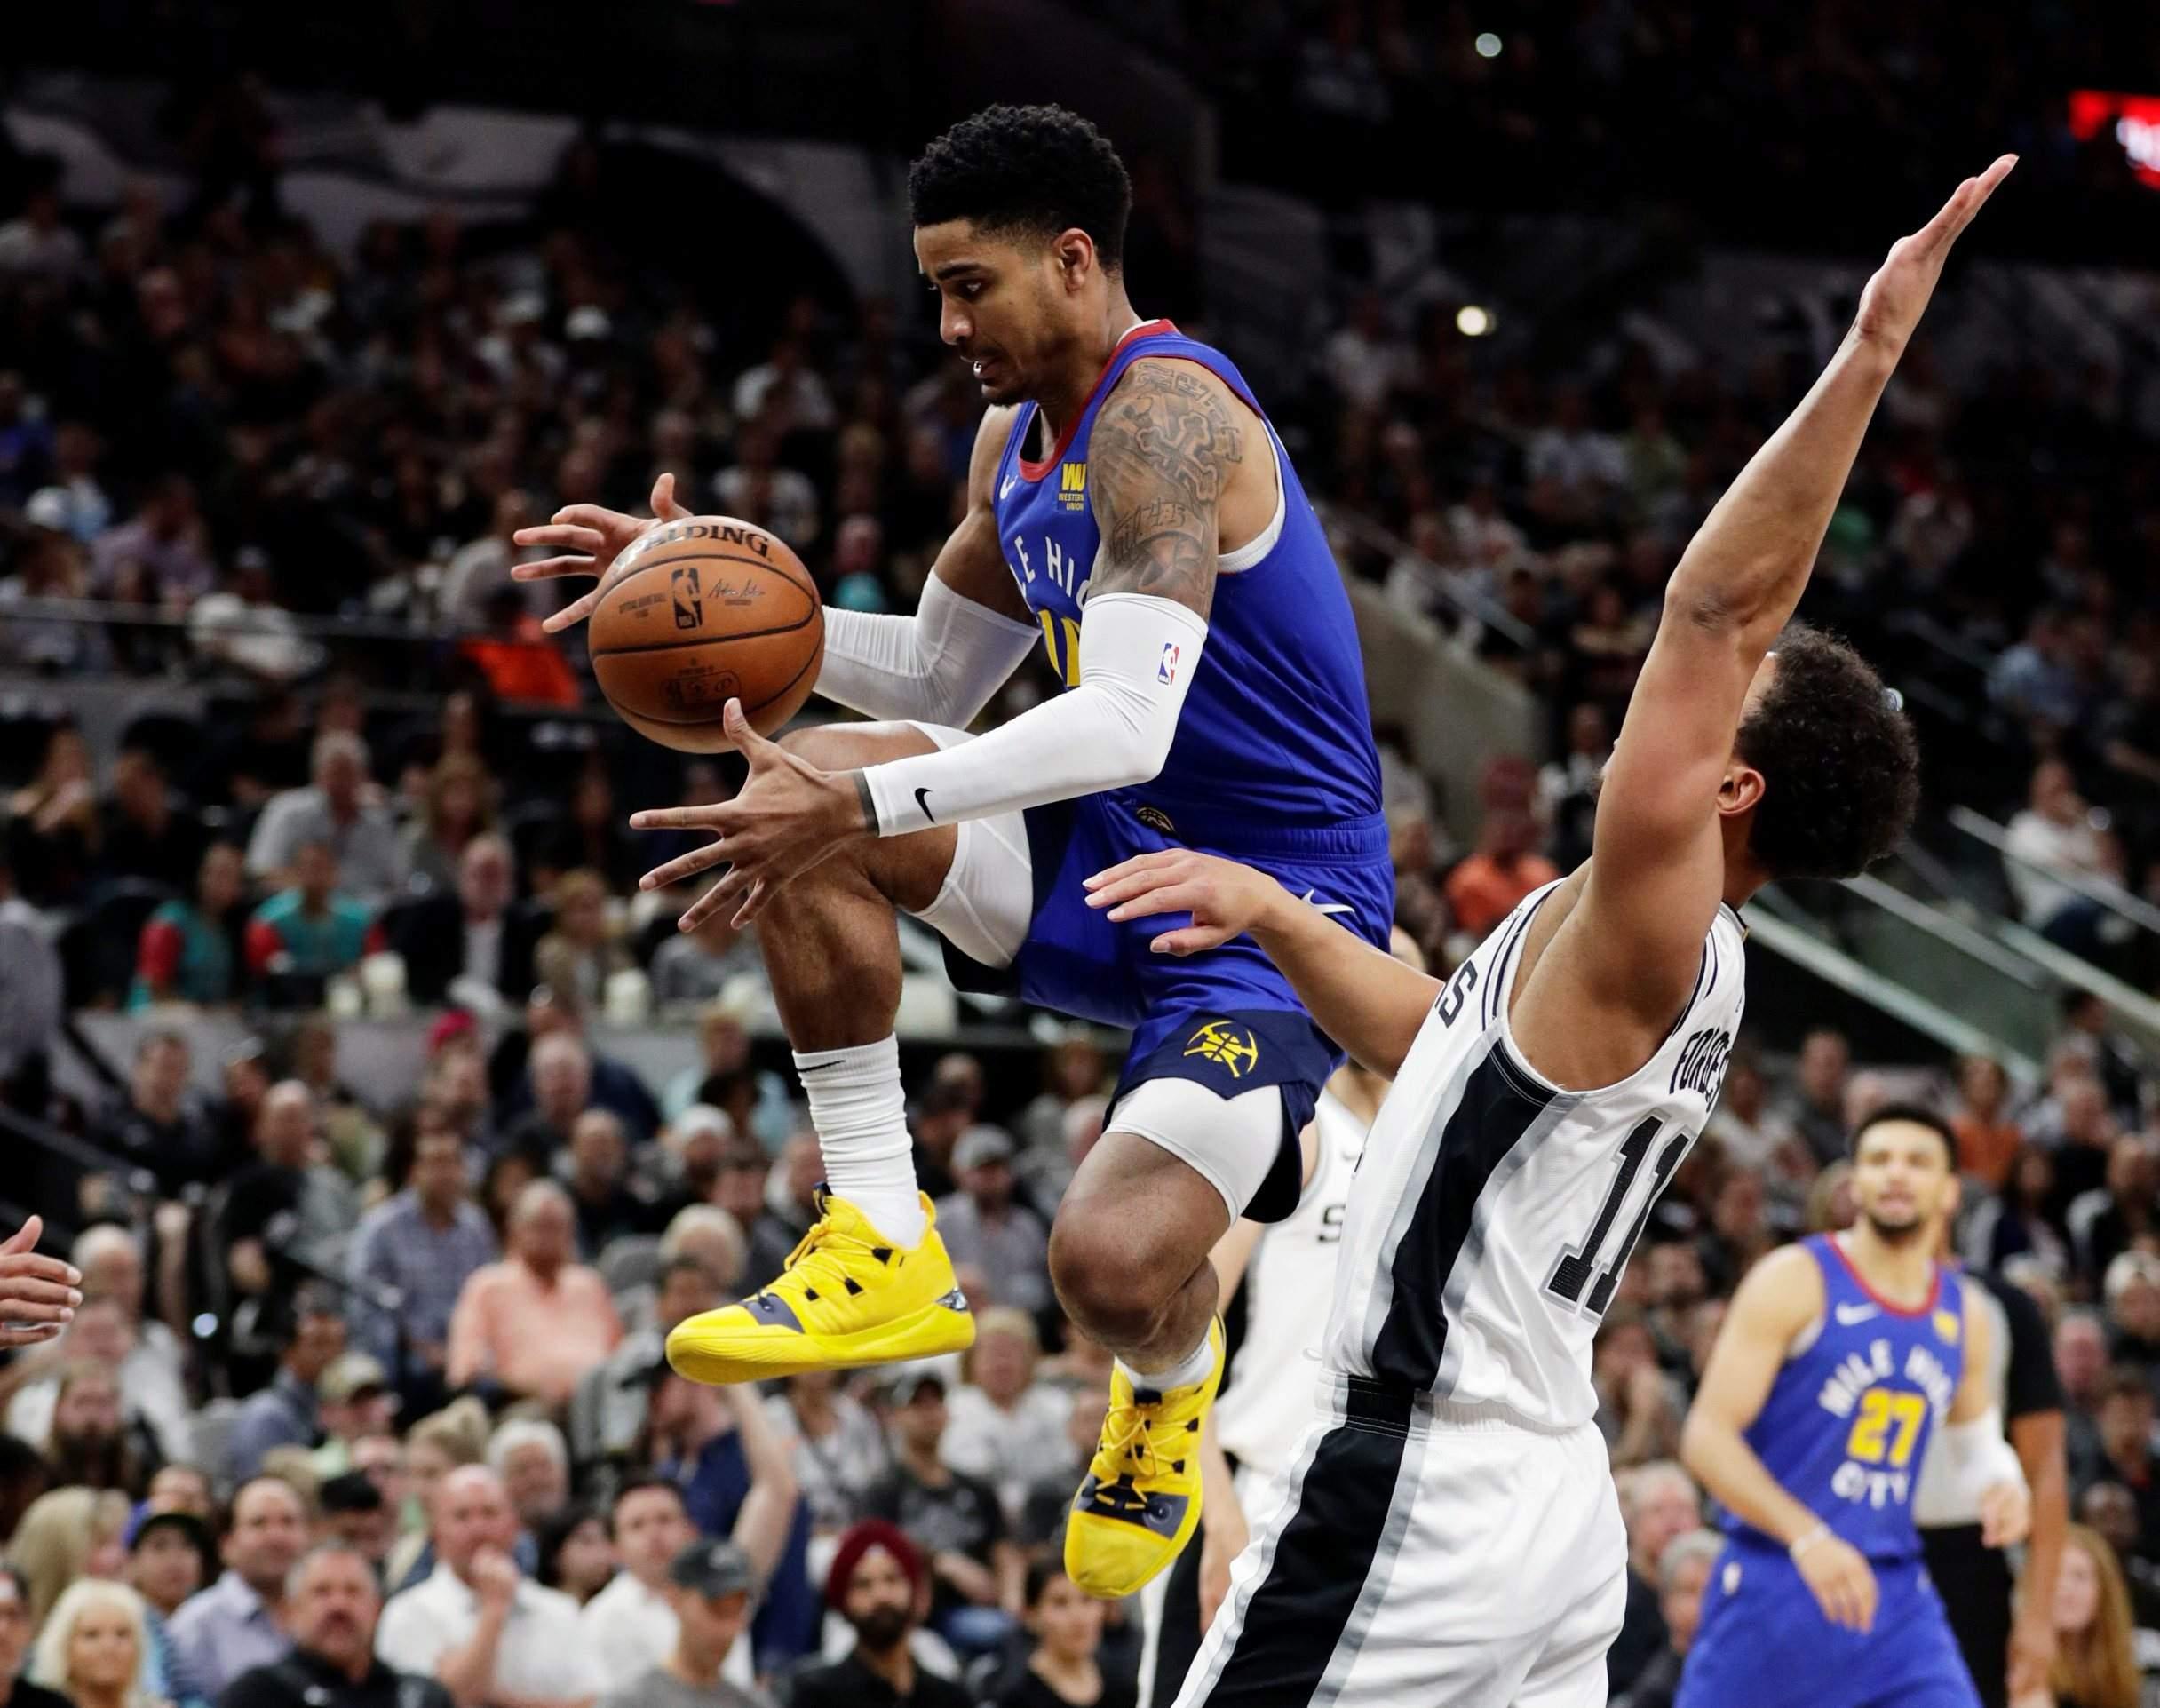 Nhận định NBA: Denver Nuggets vs San Antonio Spurs (ngày 24/4, 8h30)